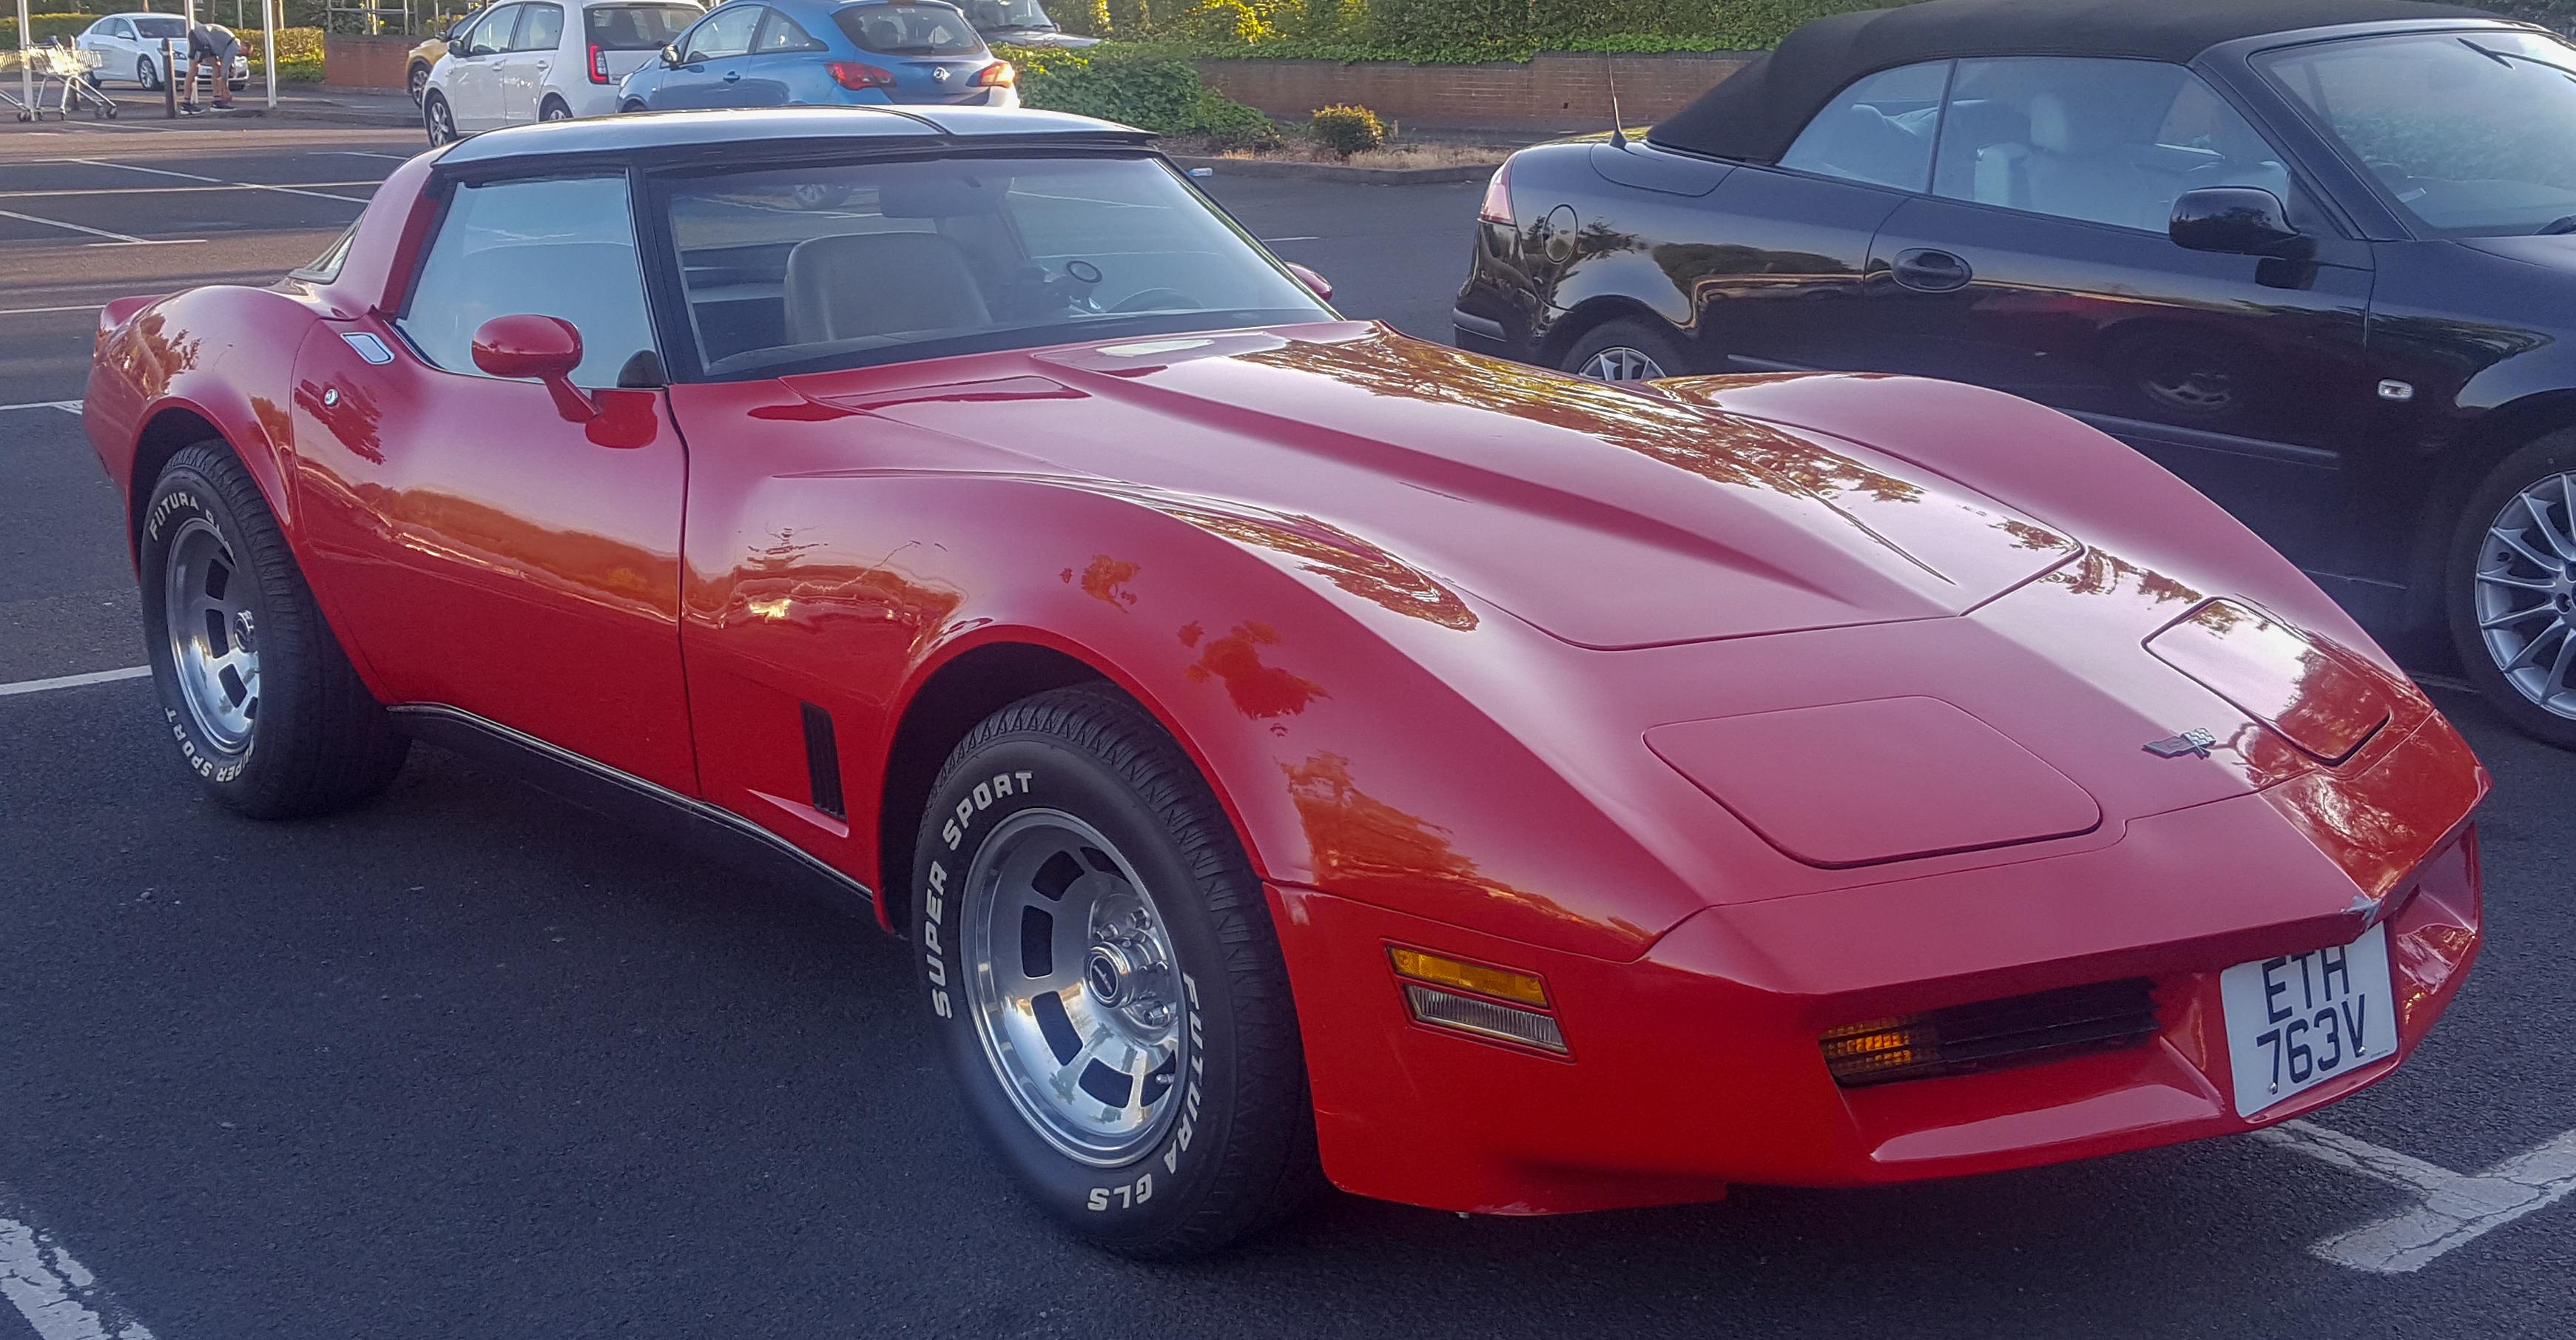 Kelebihan Kekurangan Corvette 1980 Perbandingan Harga